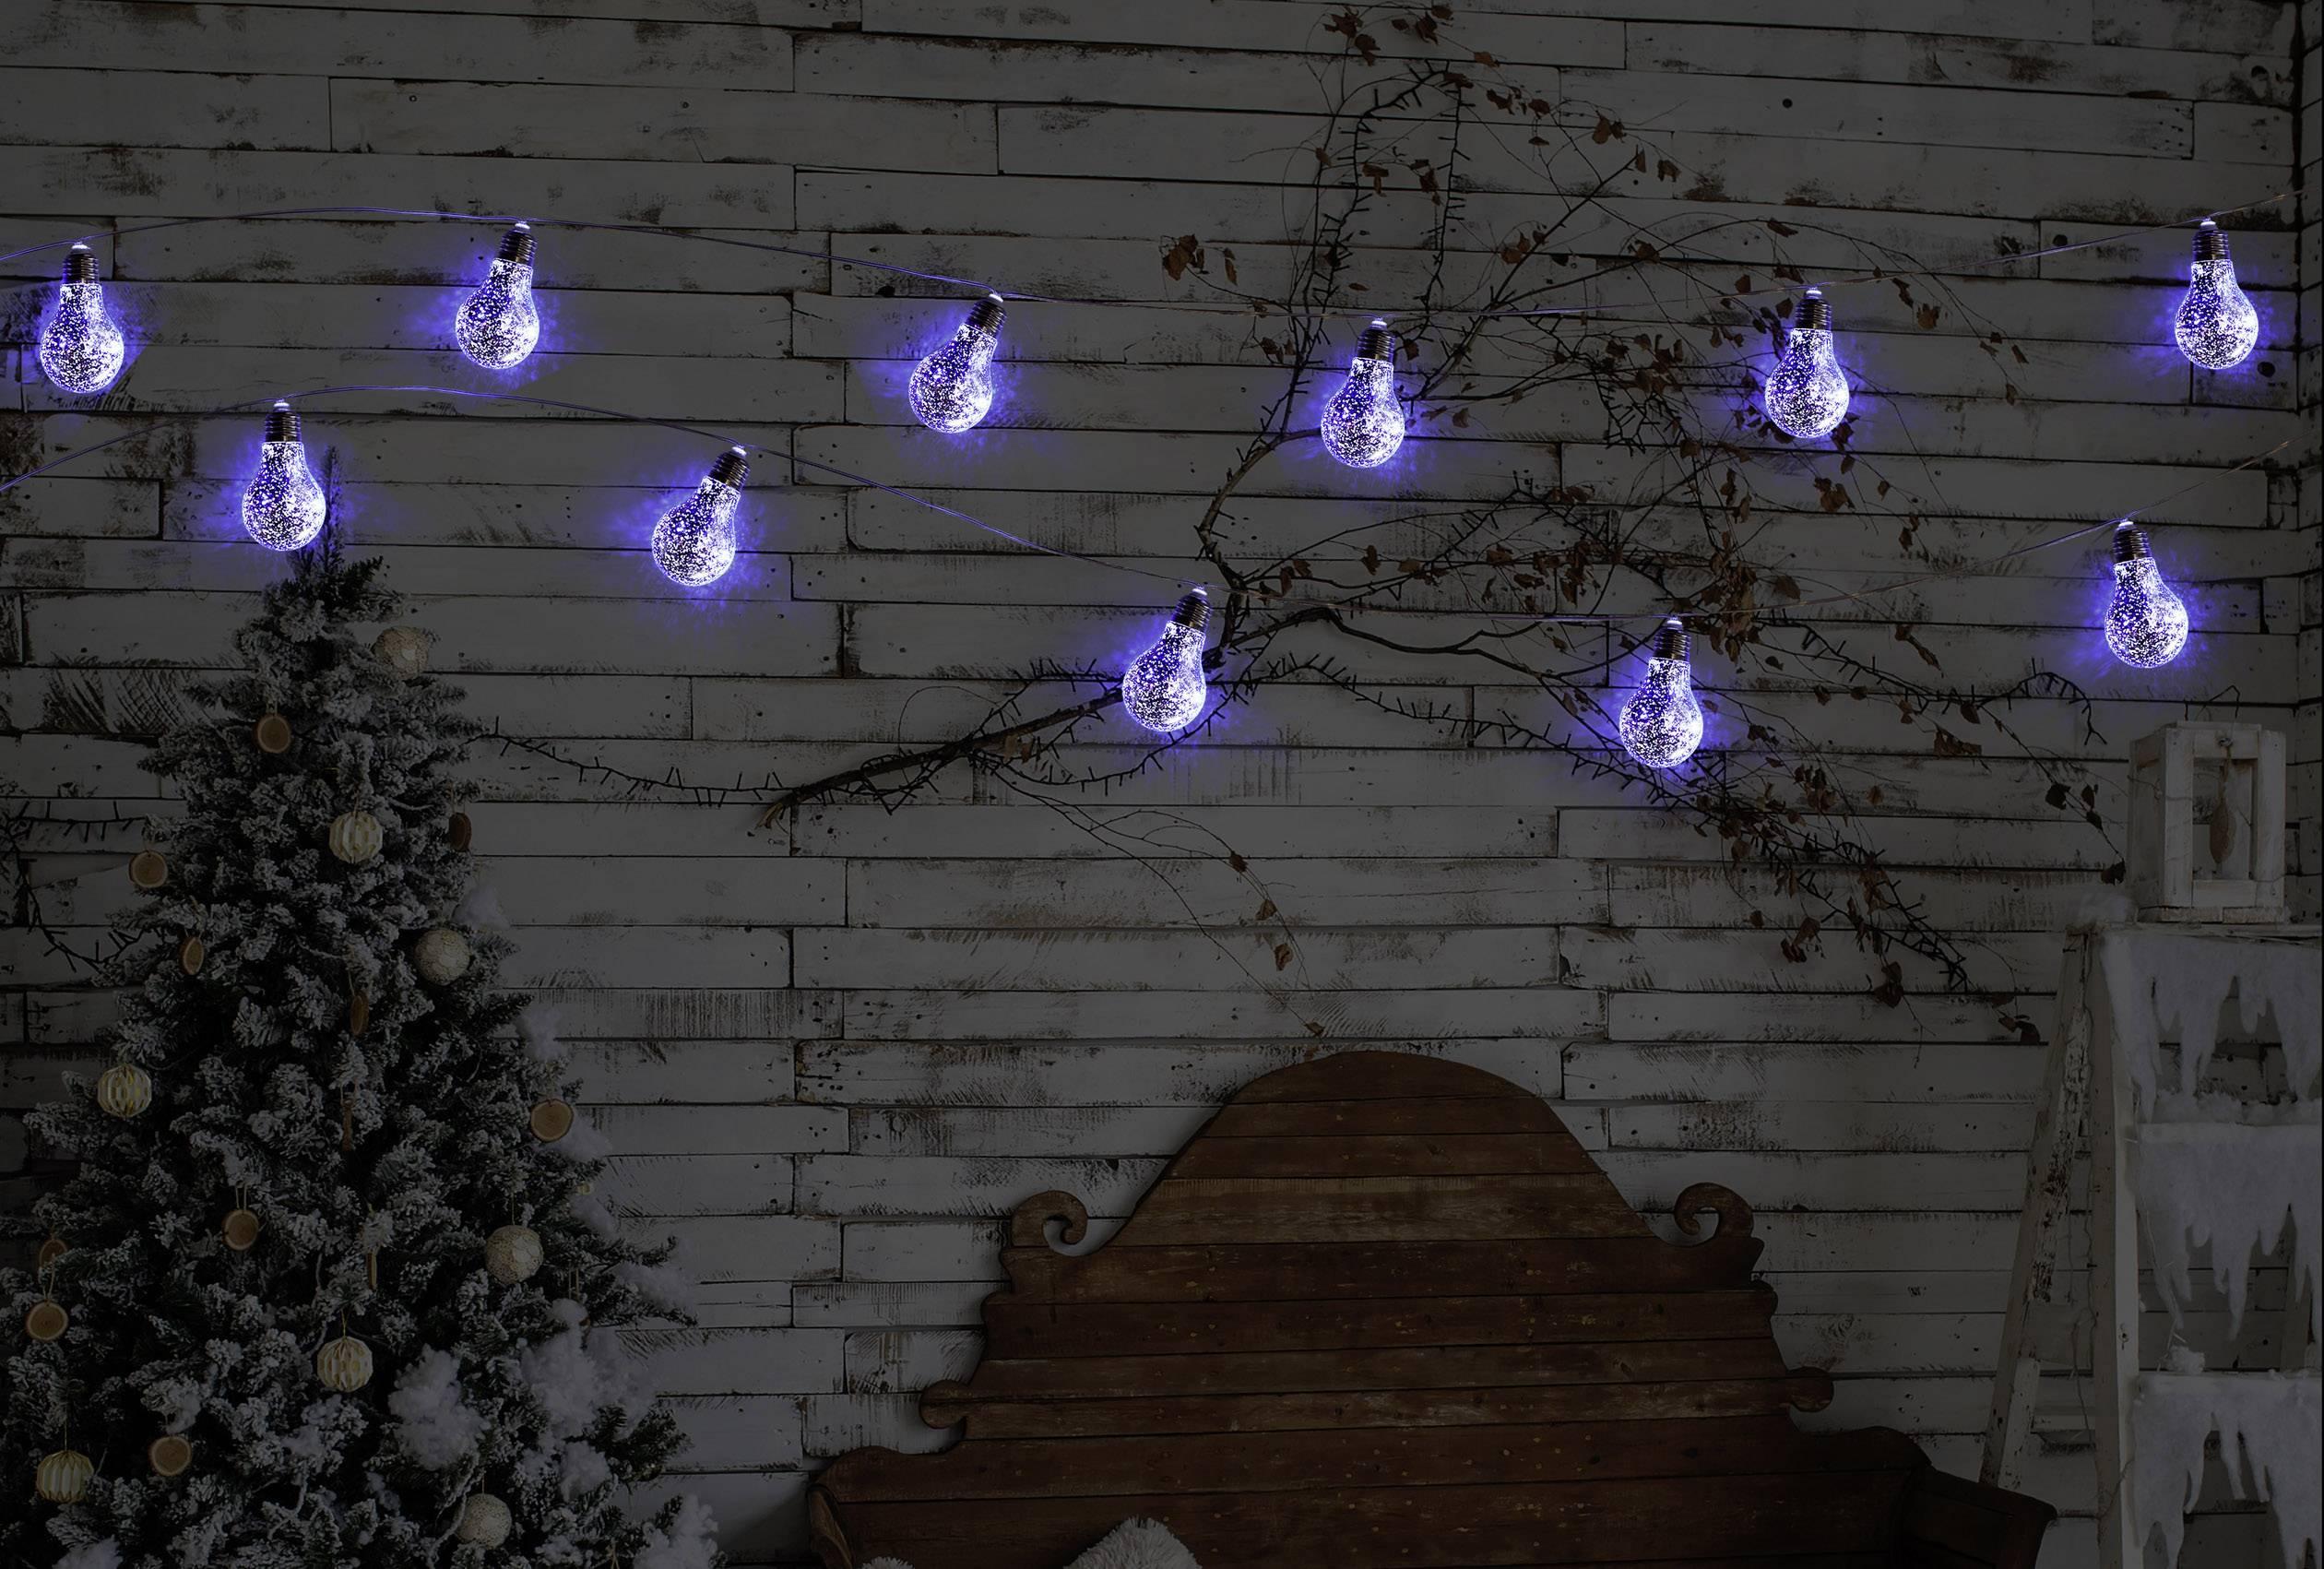 Weihnachtsbaumbeleuchtung gluhlampen